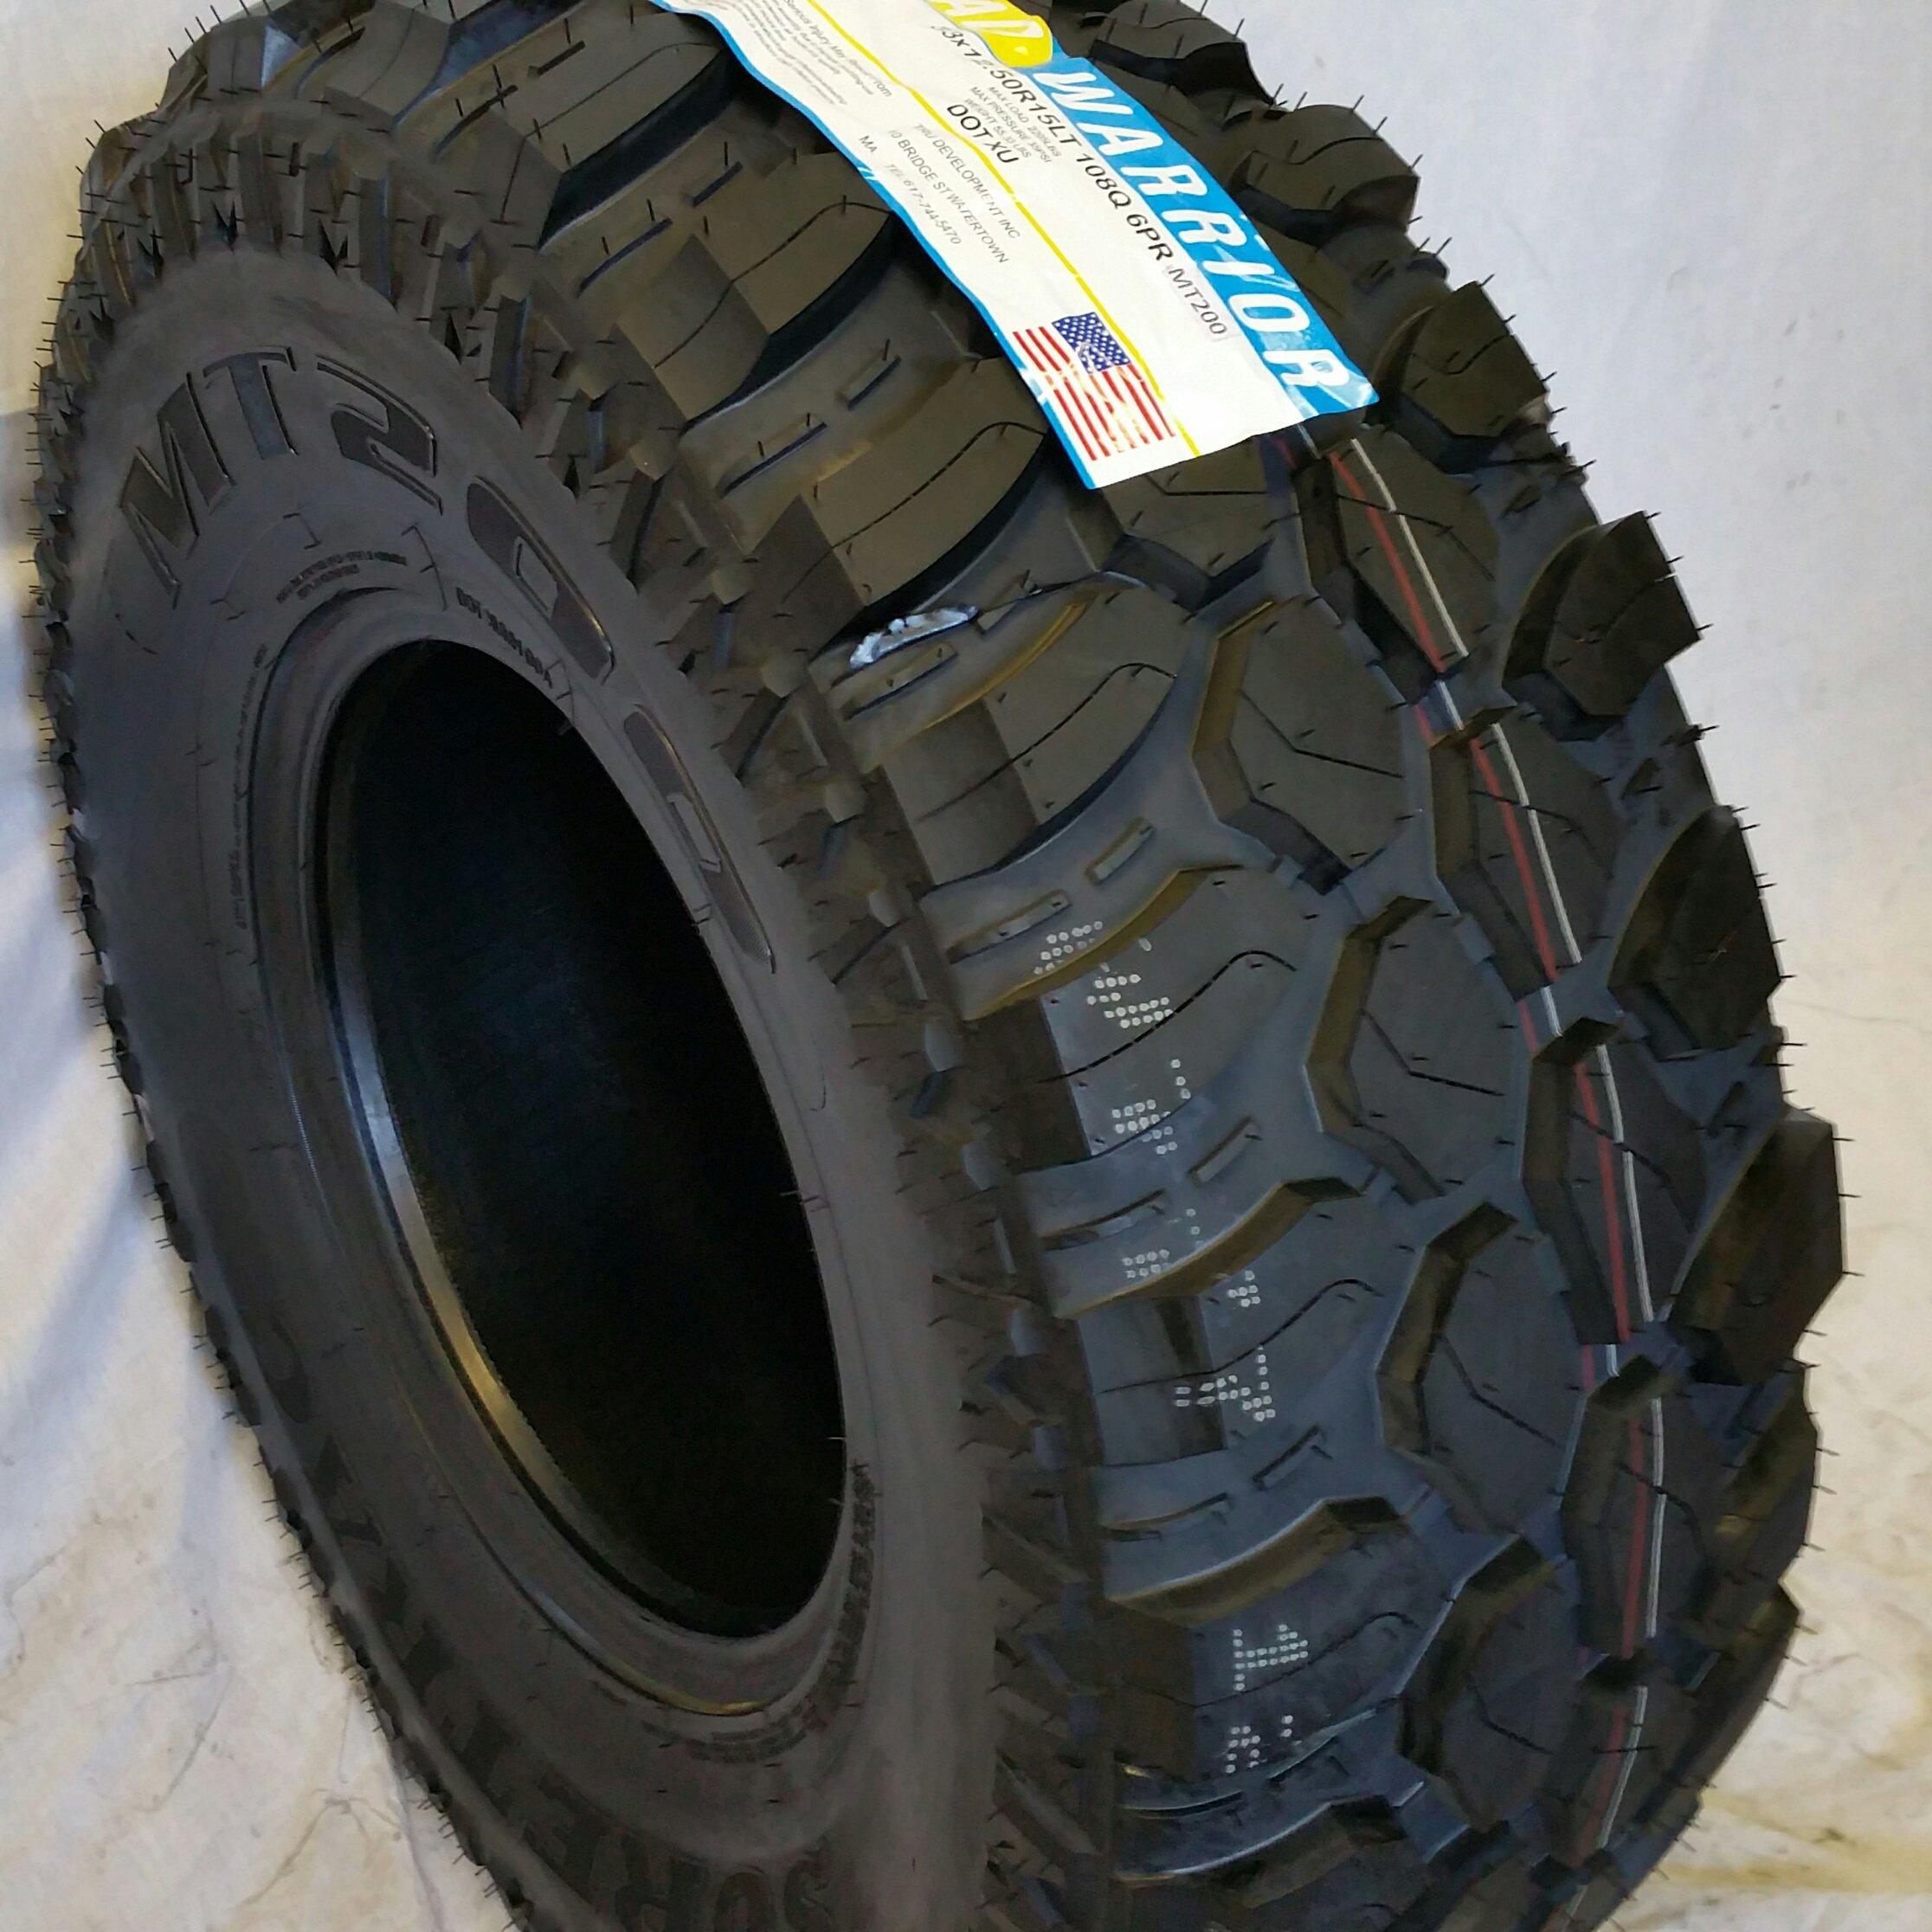 Cheap 16 Inch Mud Terrain Tires Find 16 Inch Mud Terrain Tires